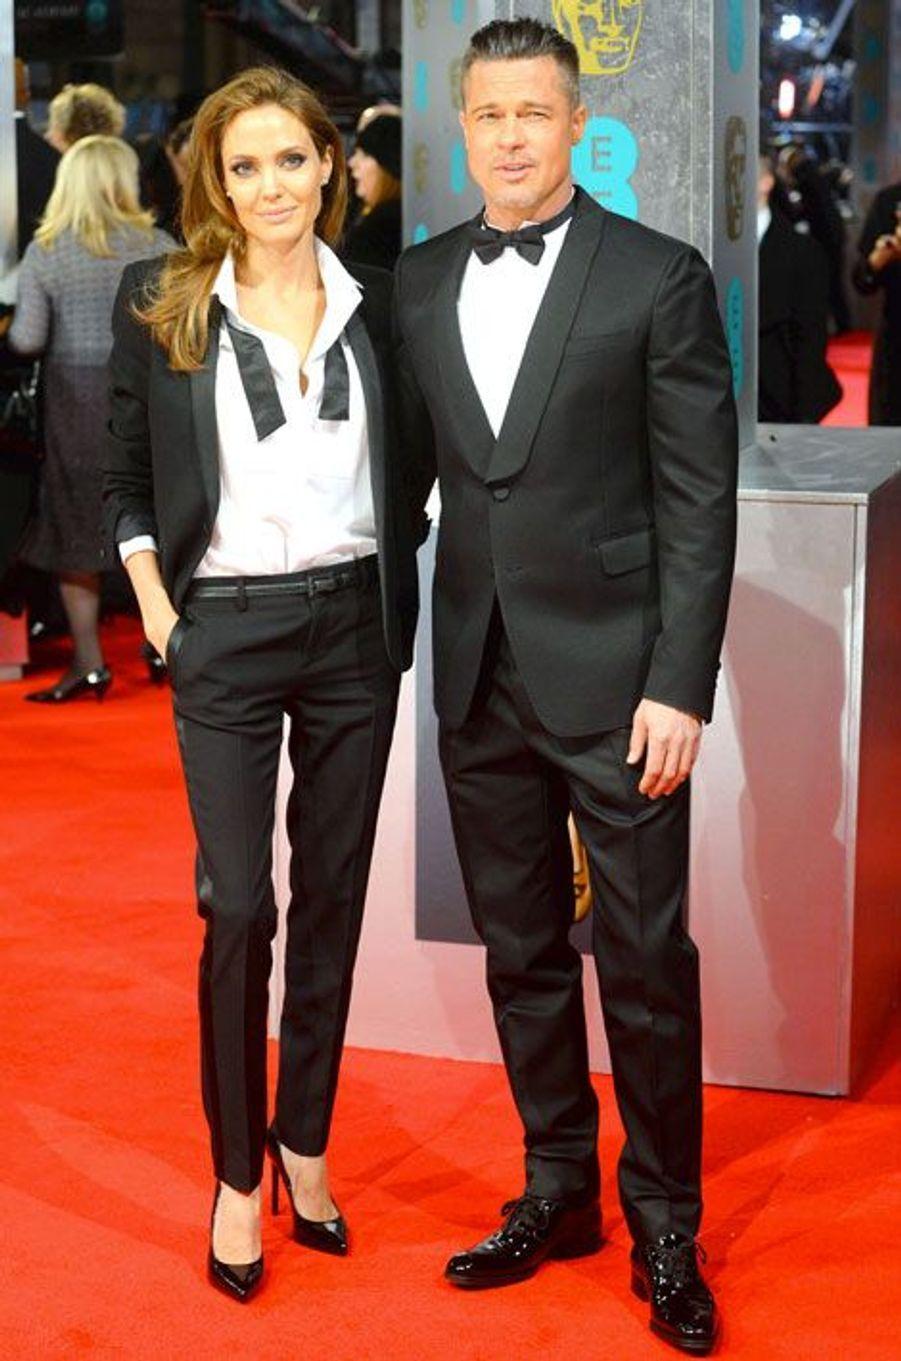 Le style boyish : Angelina Jolie lors de la cérémonie des Bafta à Londres, le 16 février 2014, en Smoking Saint Laurent